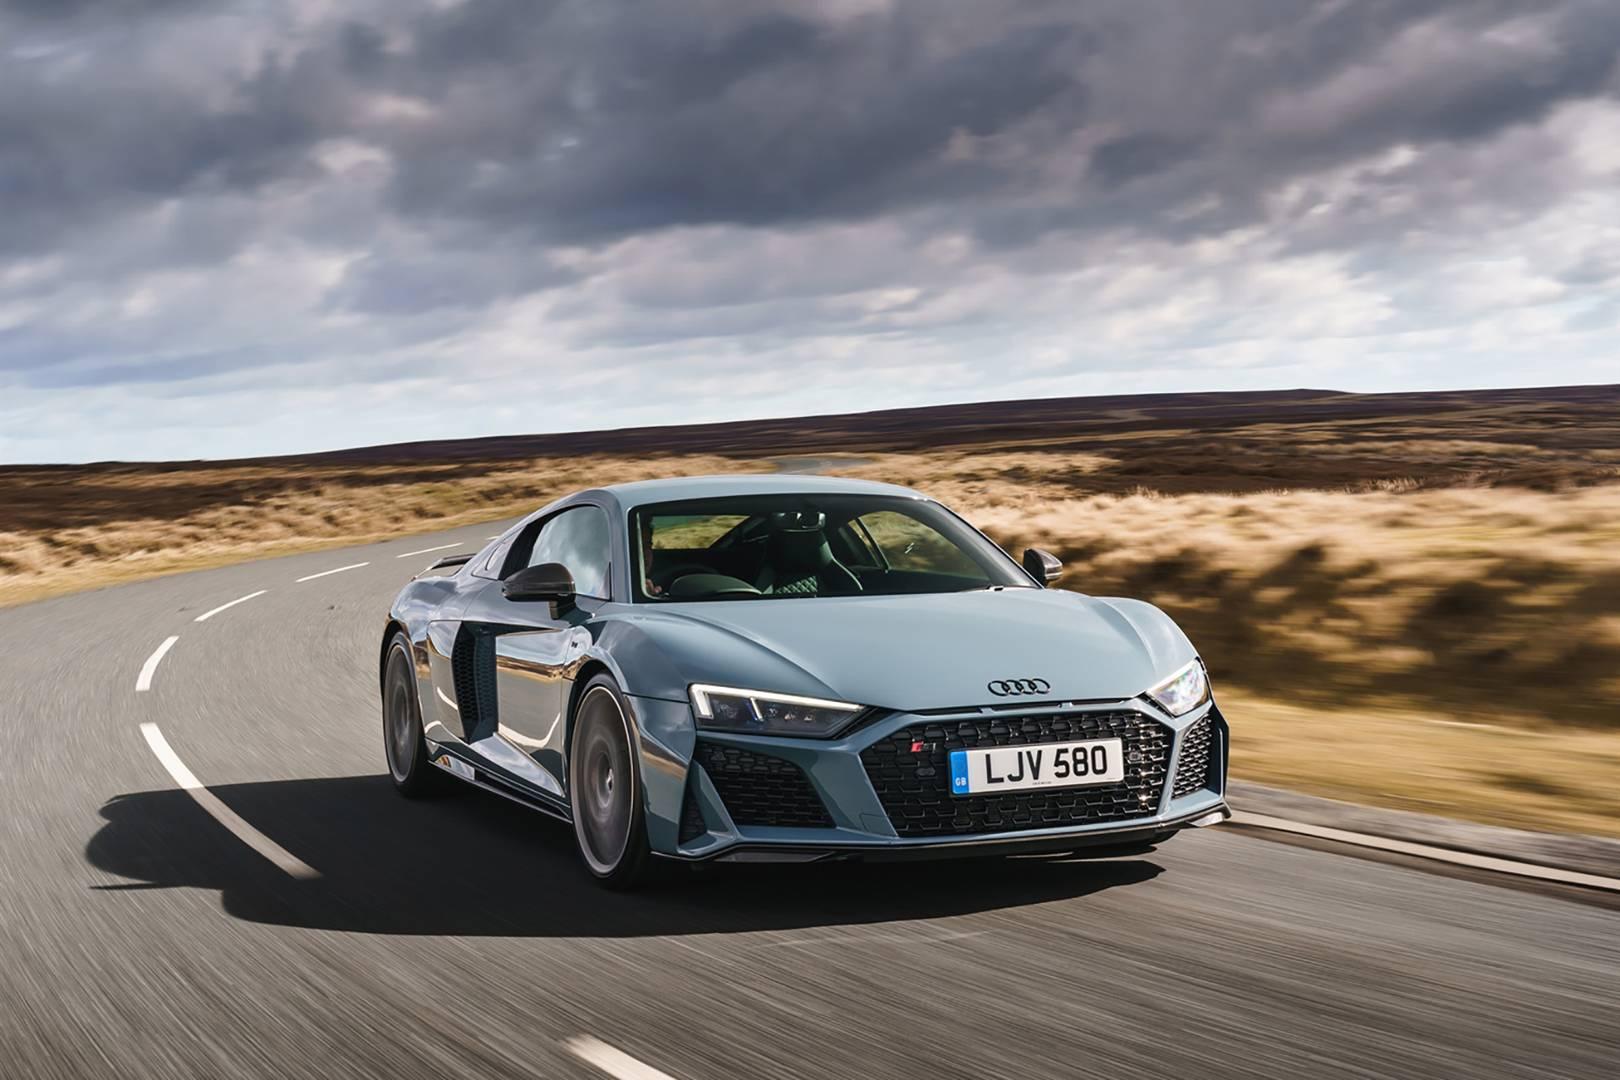 Kelebihan Kekurangan Audi V10 Perbandingan Harga